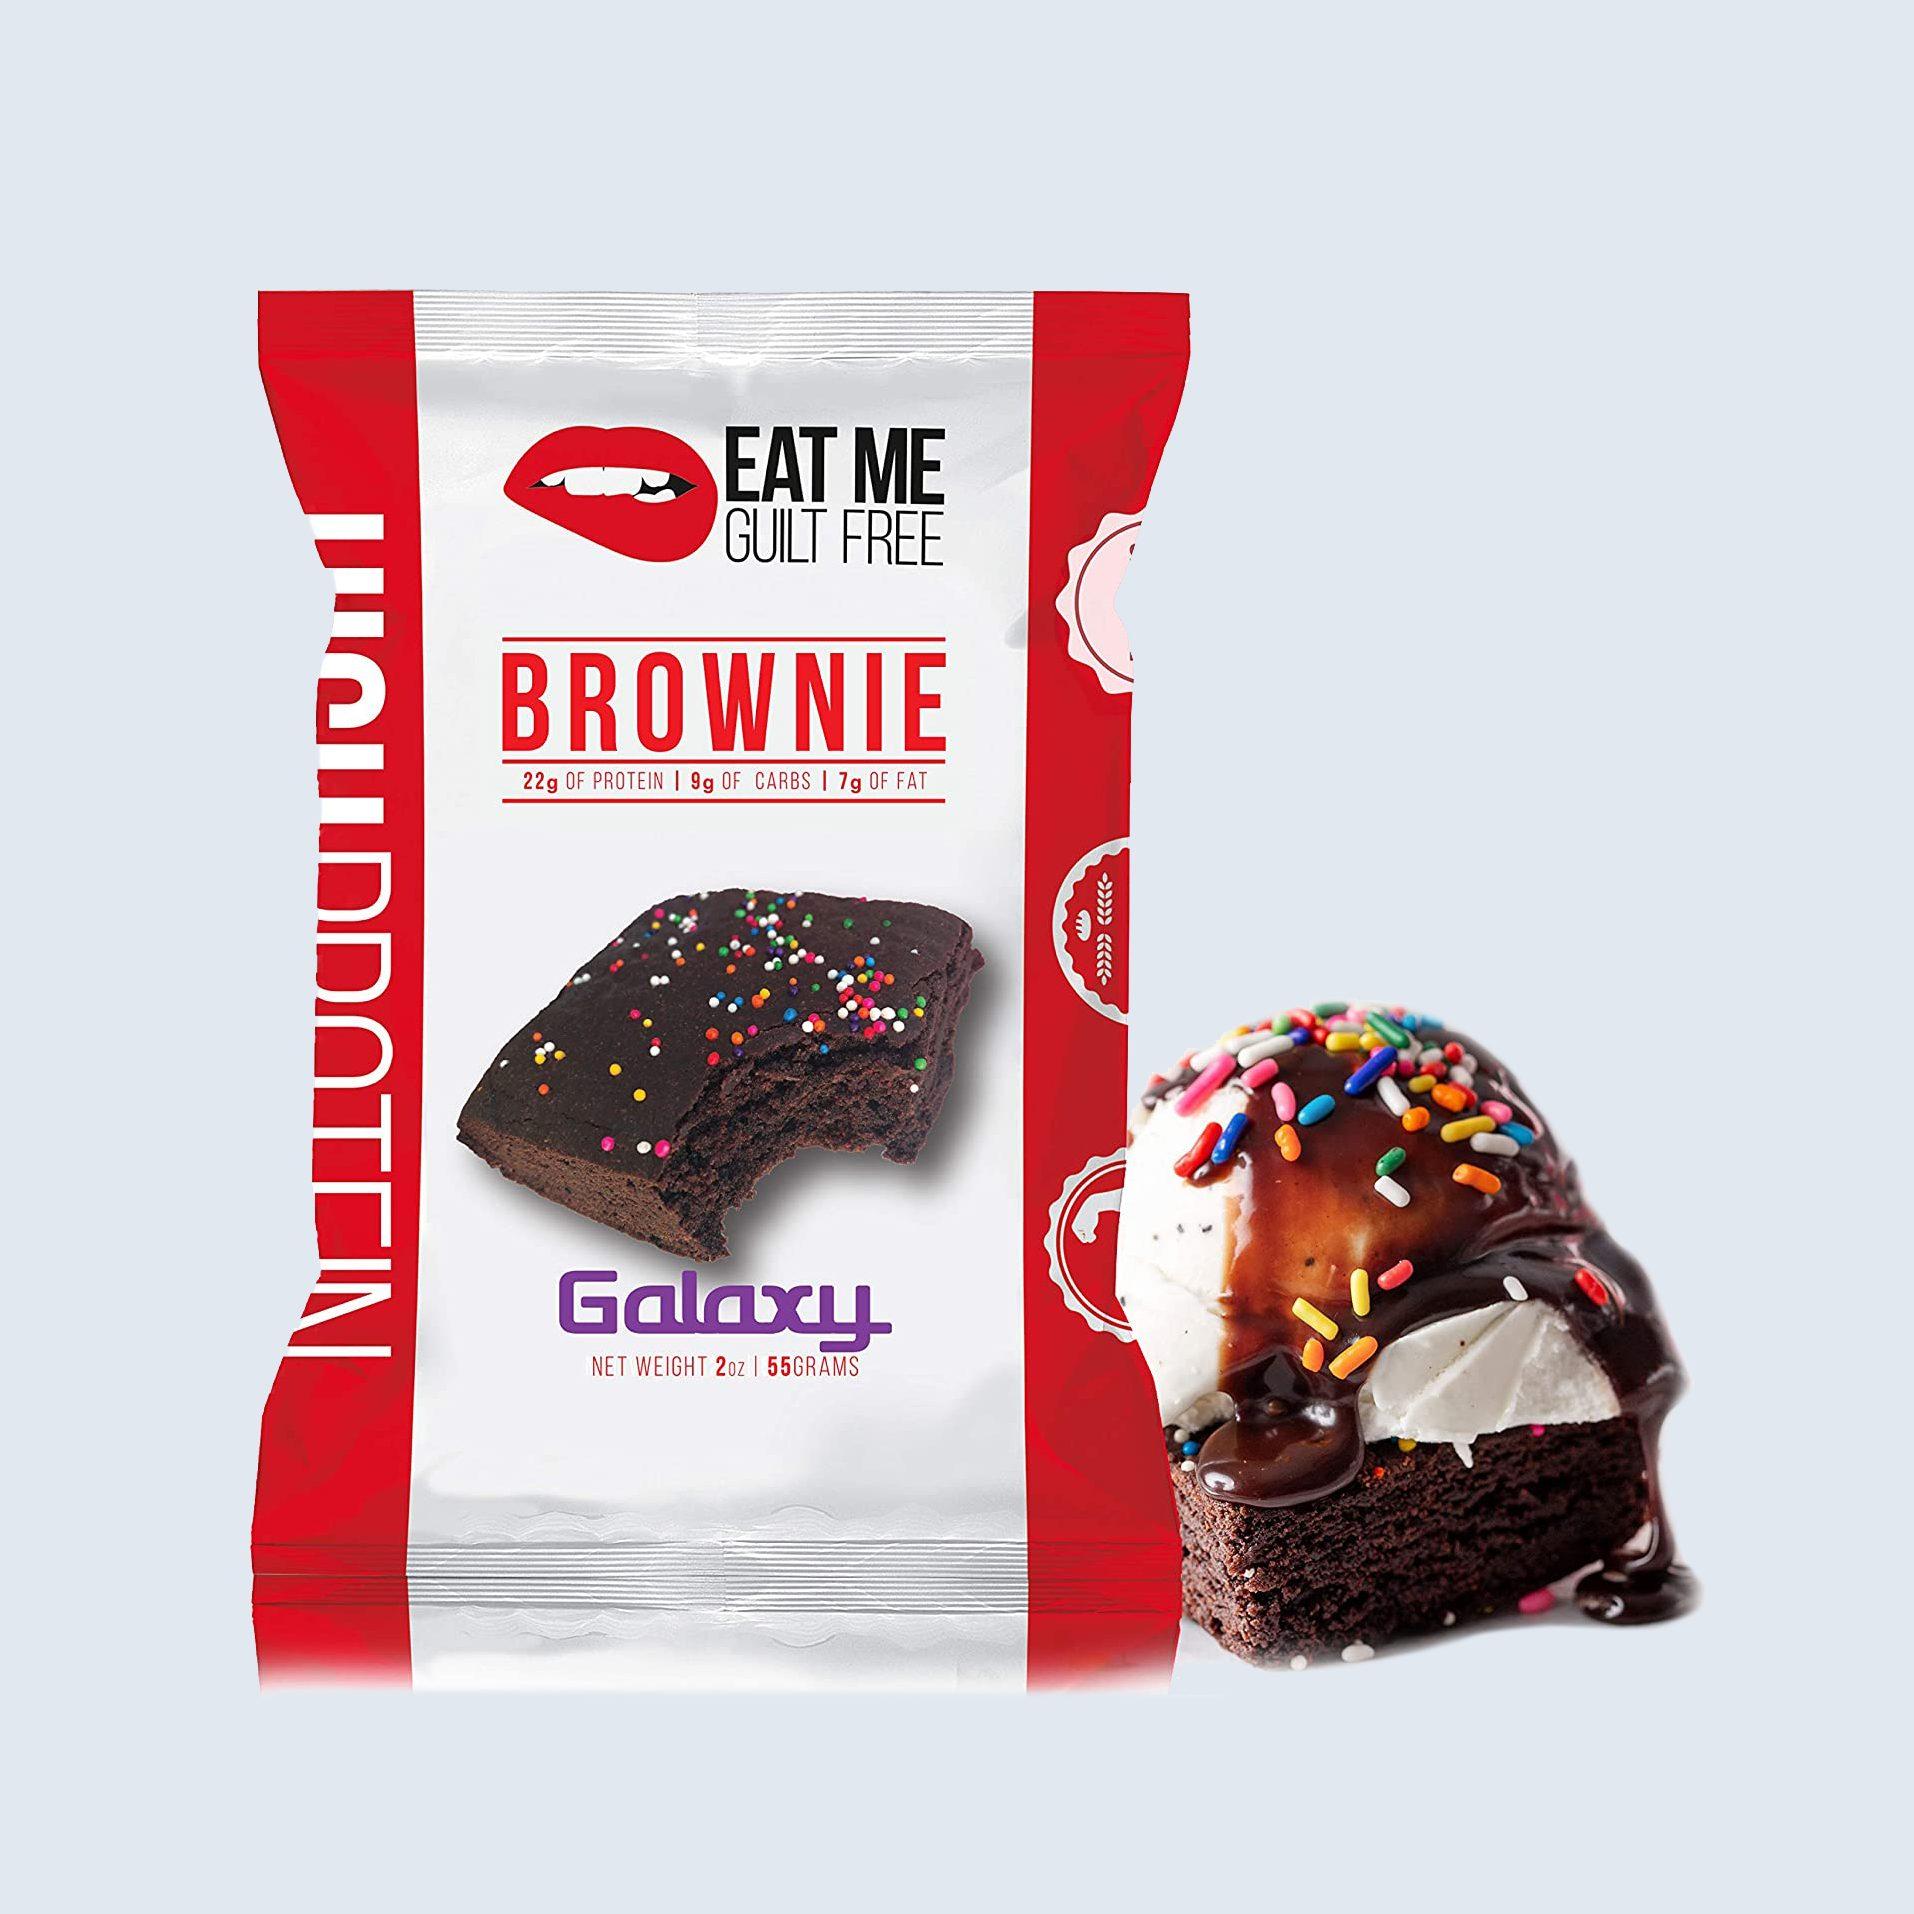 Galaxy Eat Me Guilt-Free Brownies